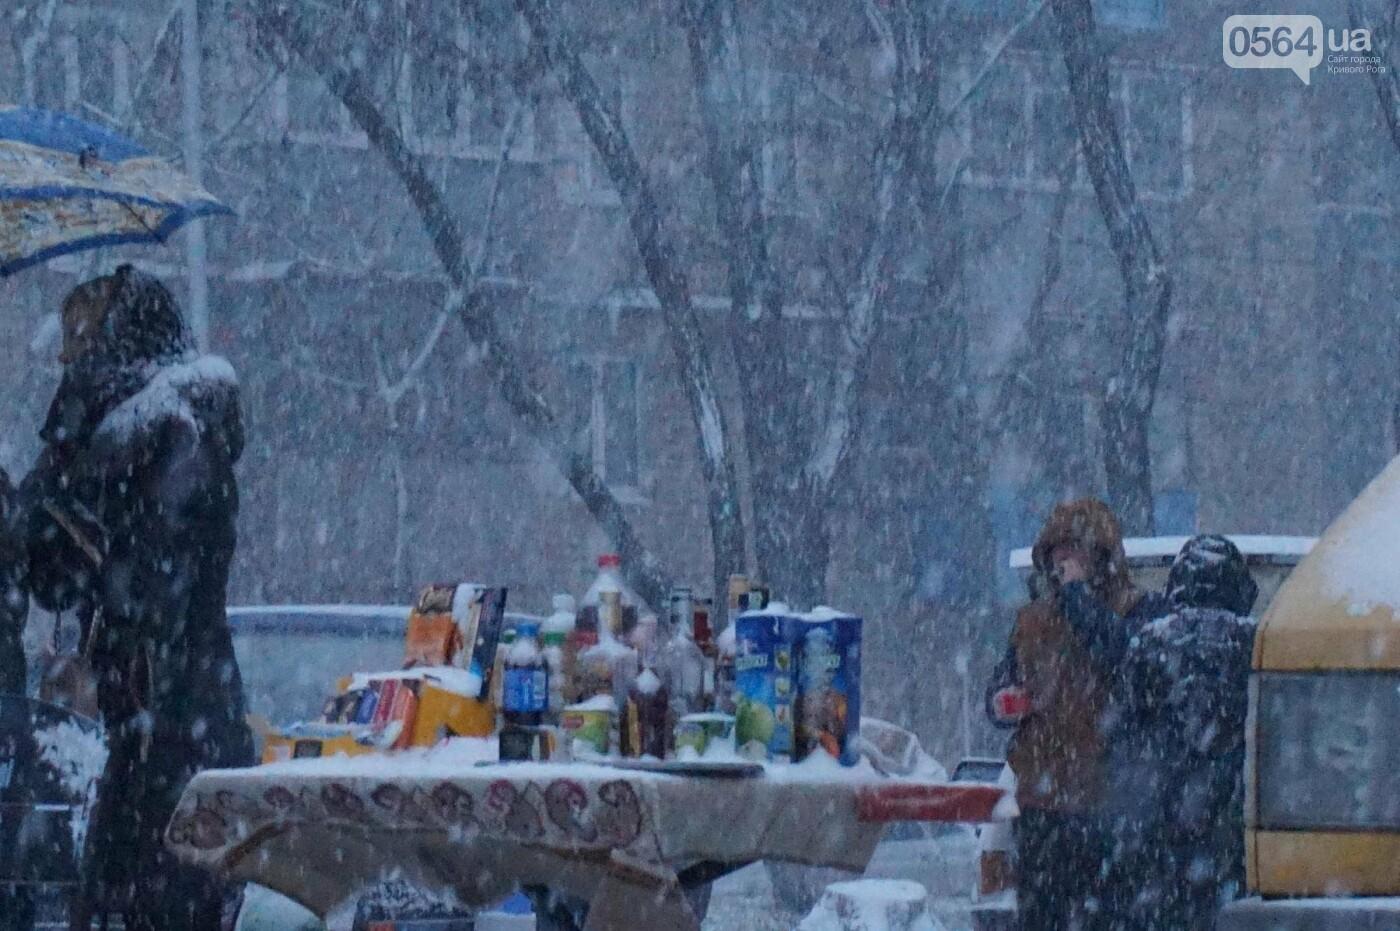 """""""Вода - просто огонь!"""": сотни криворожан окунулись в прорубь на Крещение  (ФОТО, ВИДЕО), фото-10"""